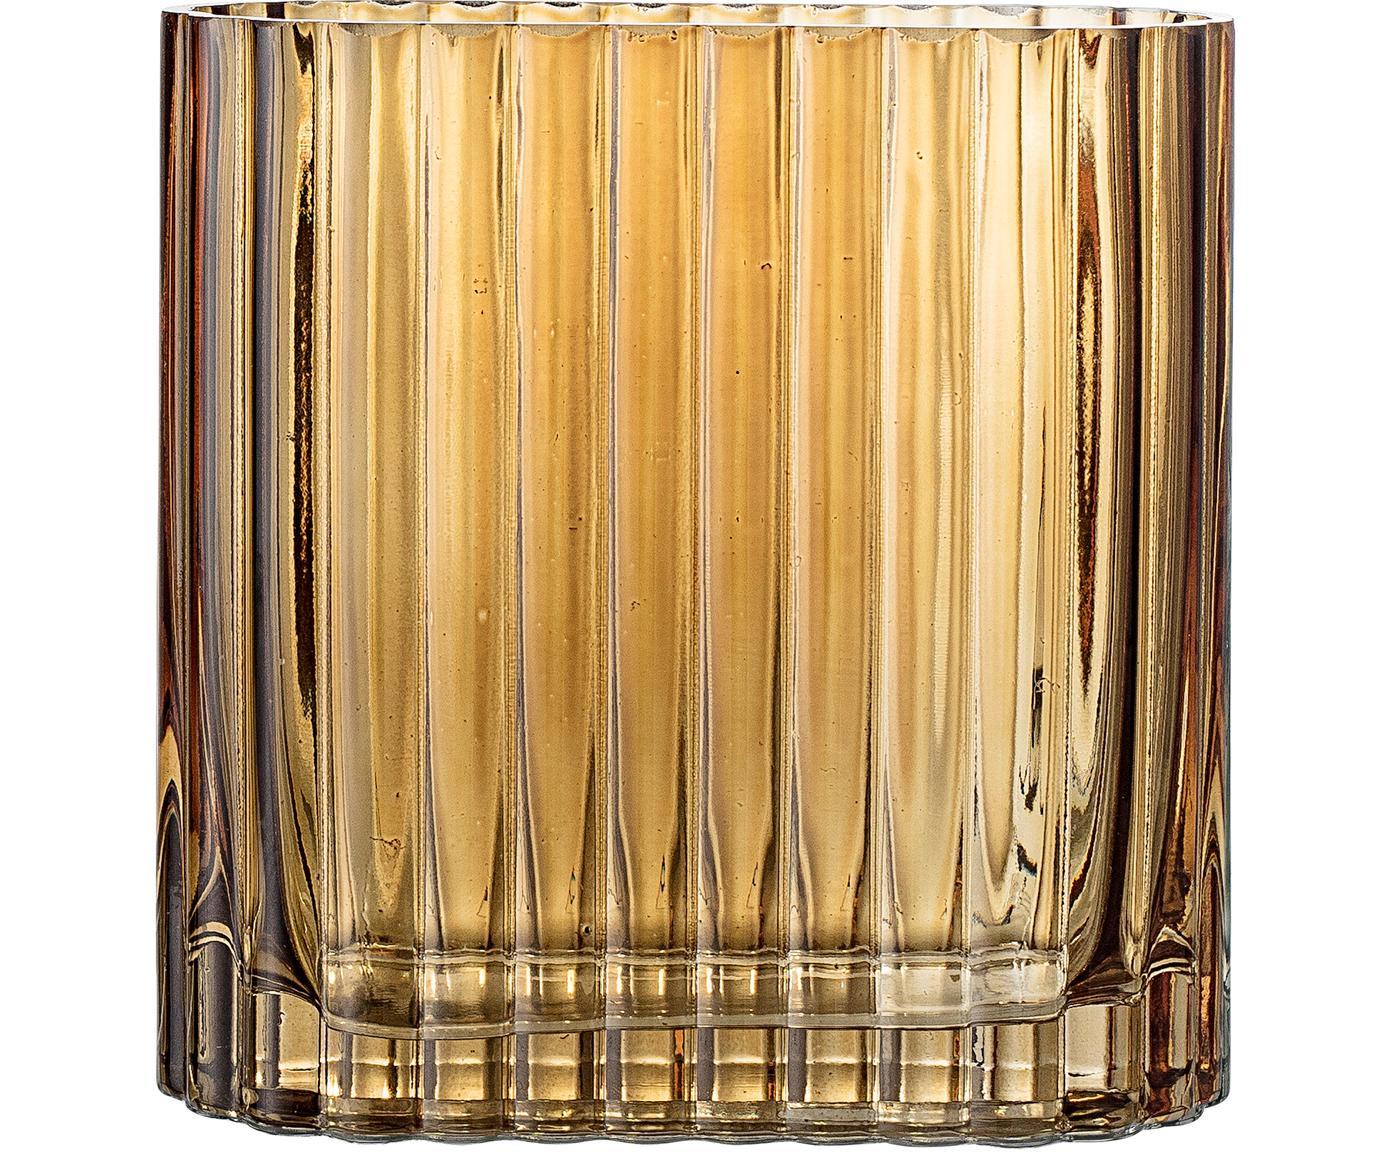 Mały wazon ze szkła Don, Szkło, Brązowy, transparentny, S 14 x W 14 cm